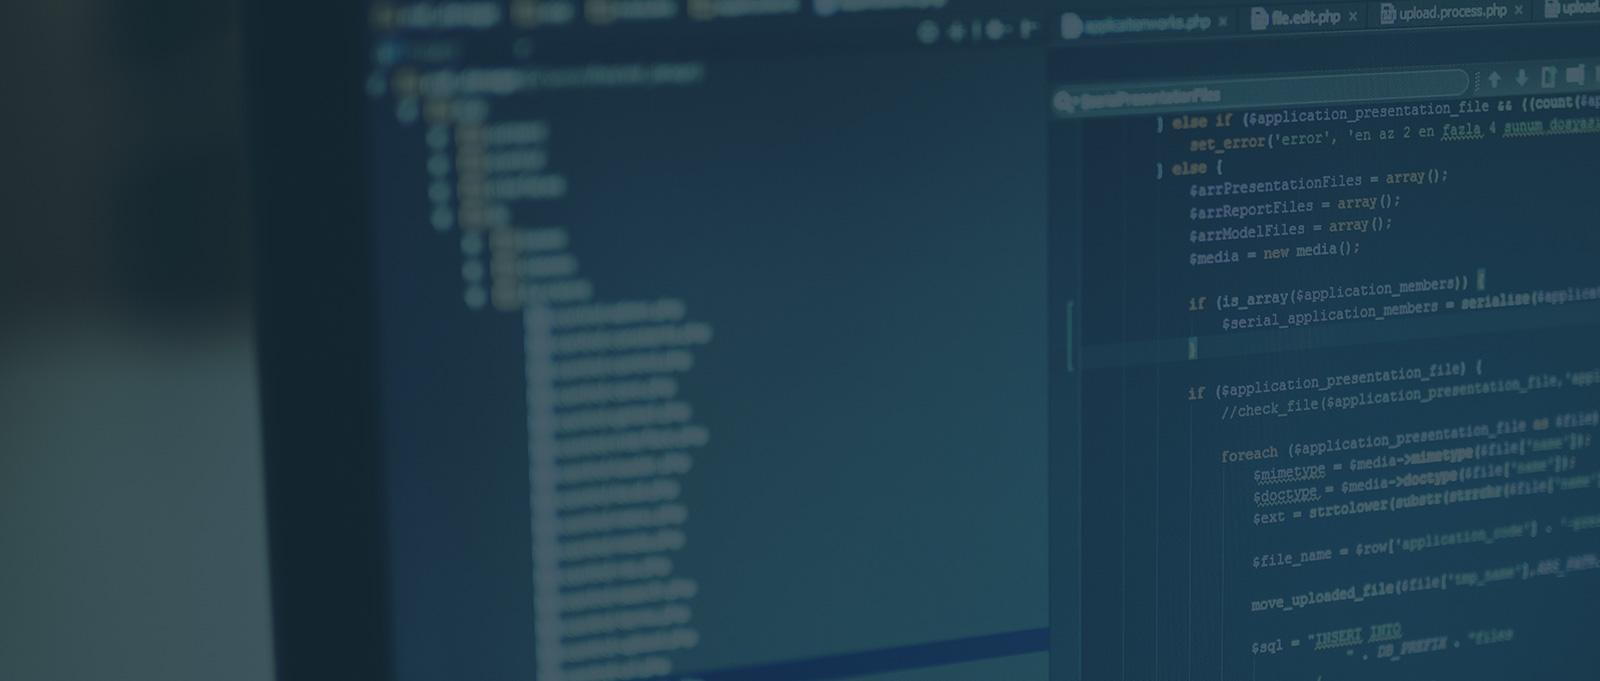 homepage-application-code.jpg